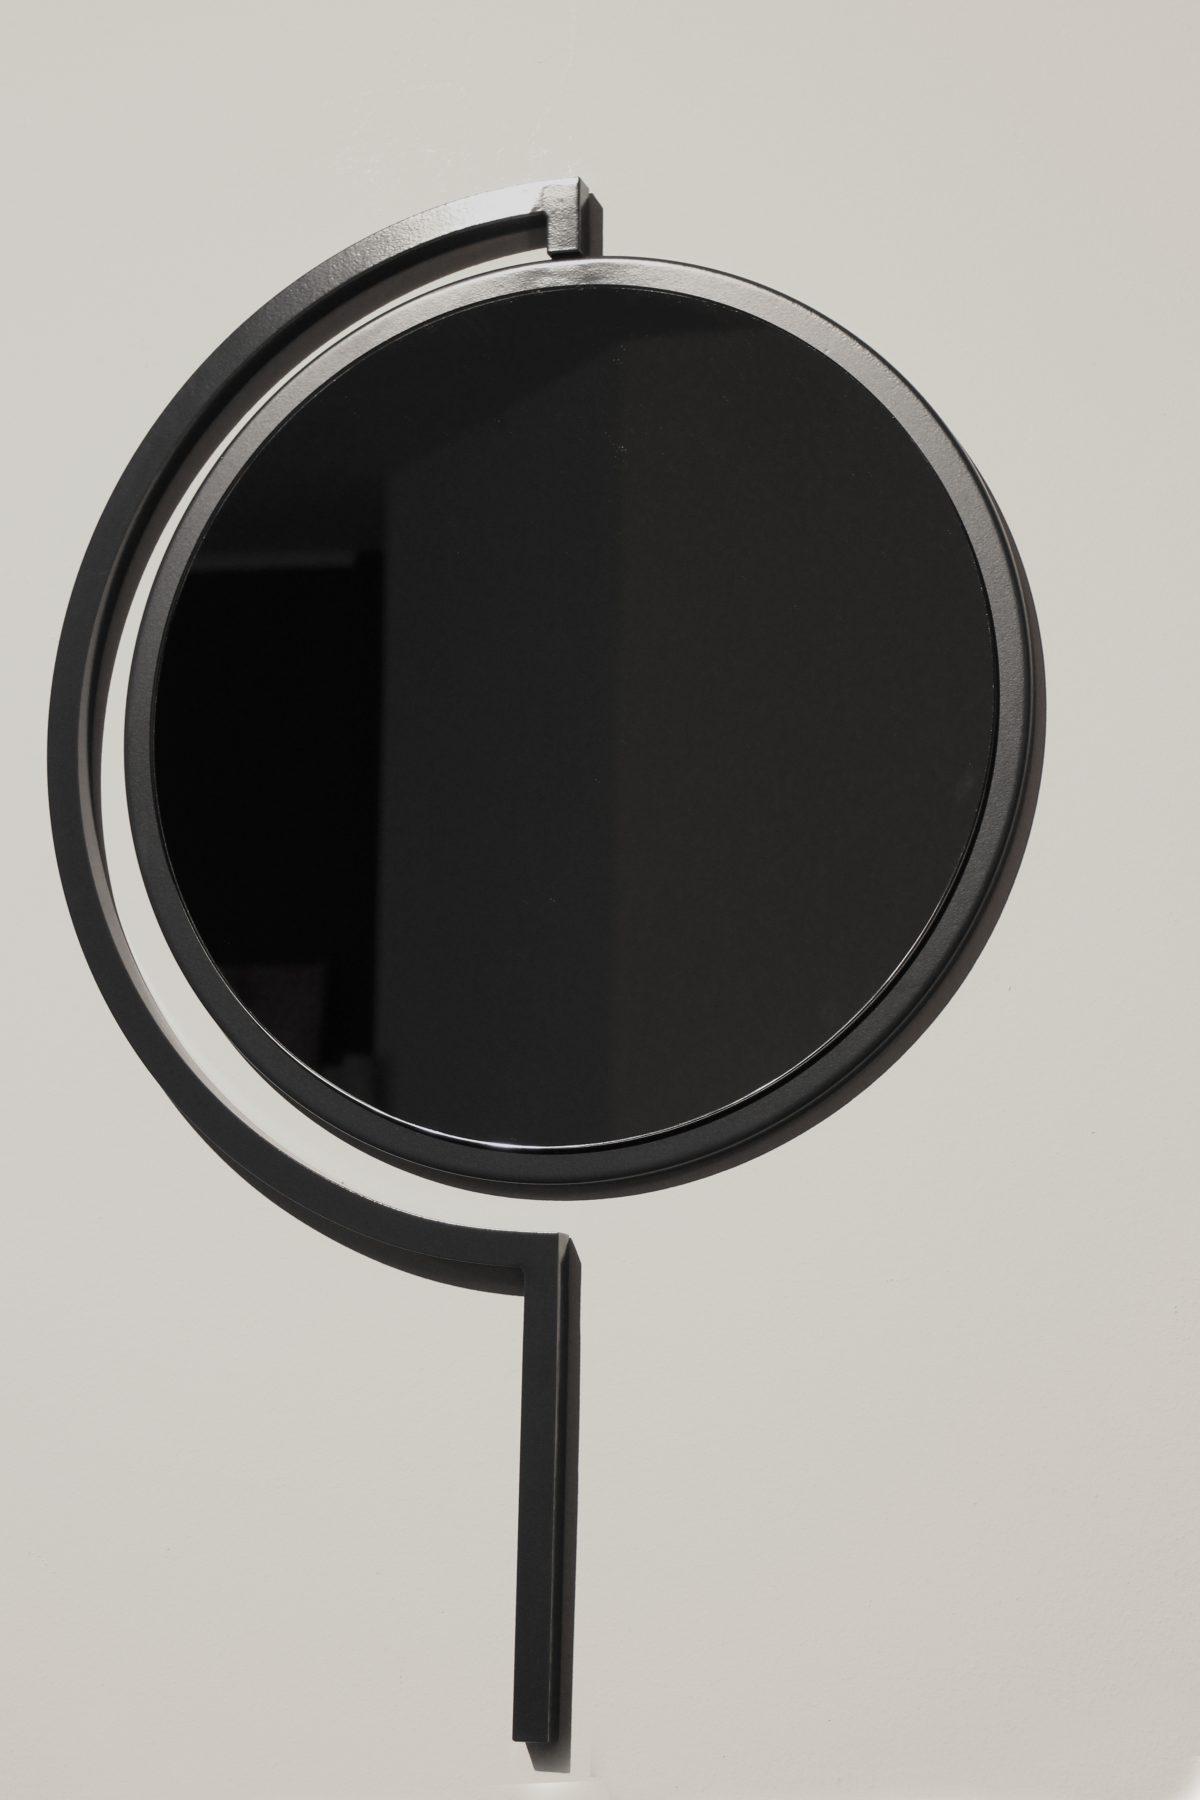 Contorno Mirror Grey Blue-spiegel-JolandaVanGoor – Gimmii